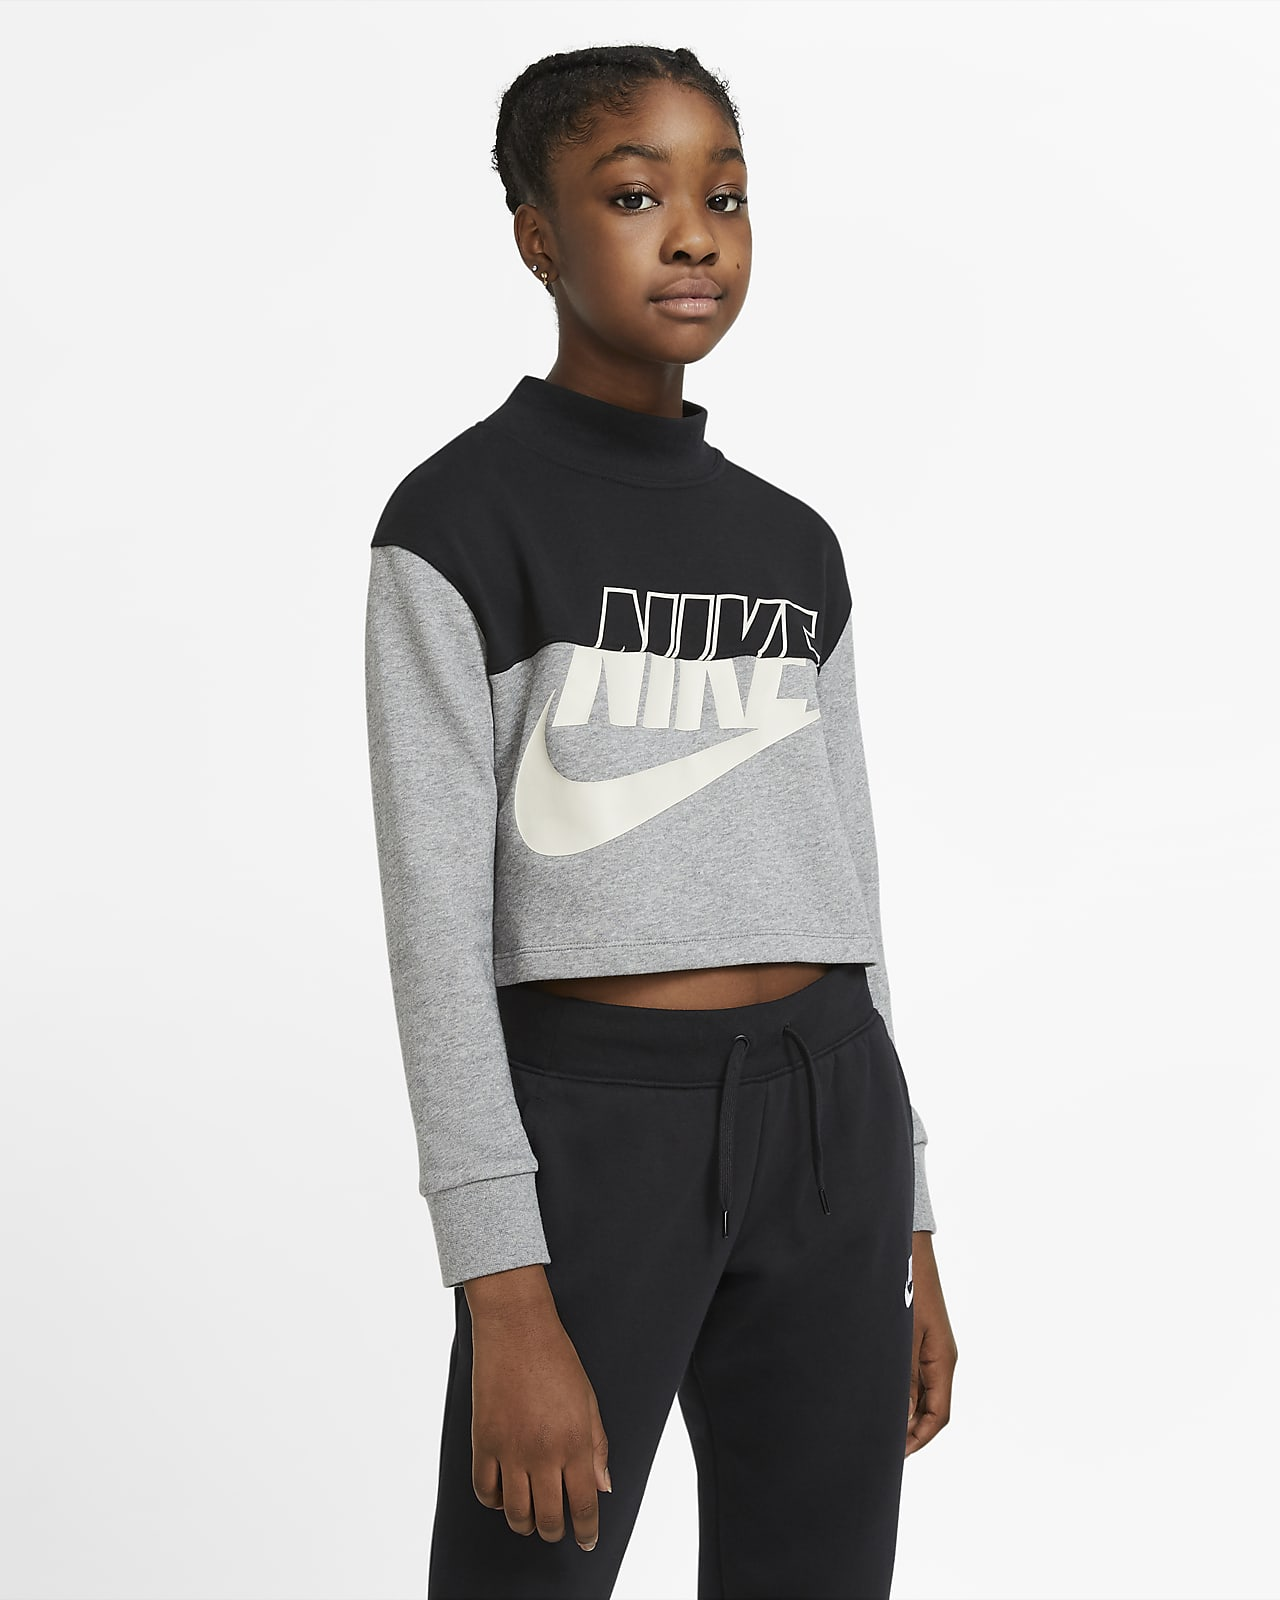 Zkrácená mikina Nike Sportswear skulatým výstřihem zfrancouzského froté pro větší děti (dívky)